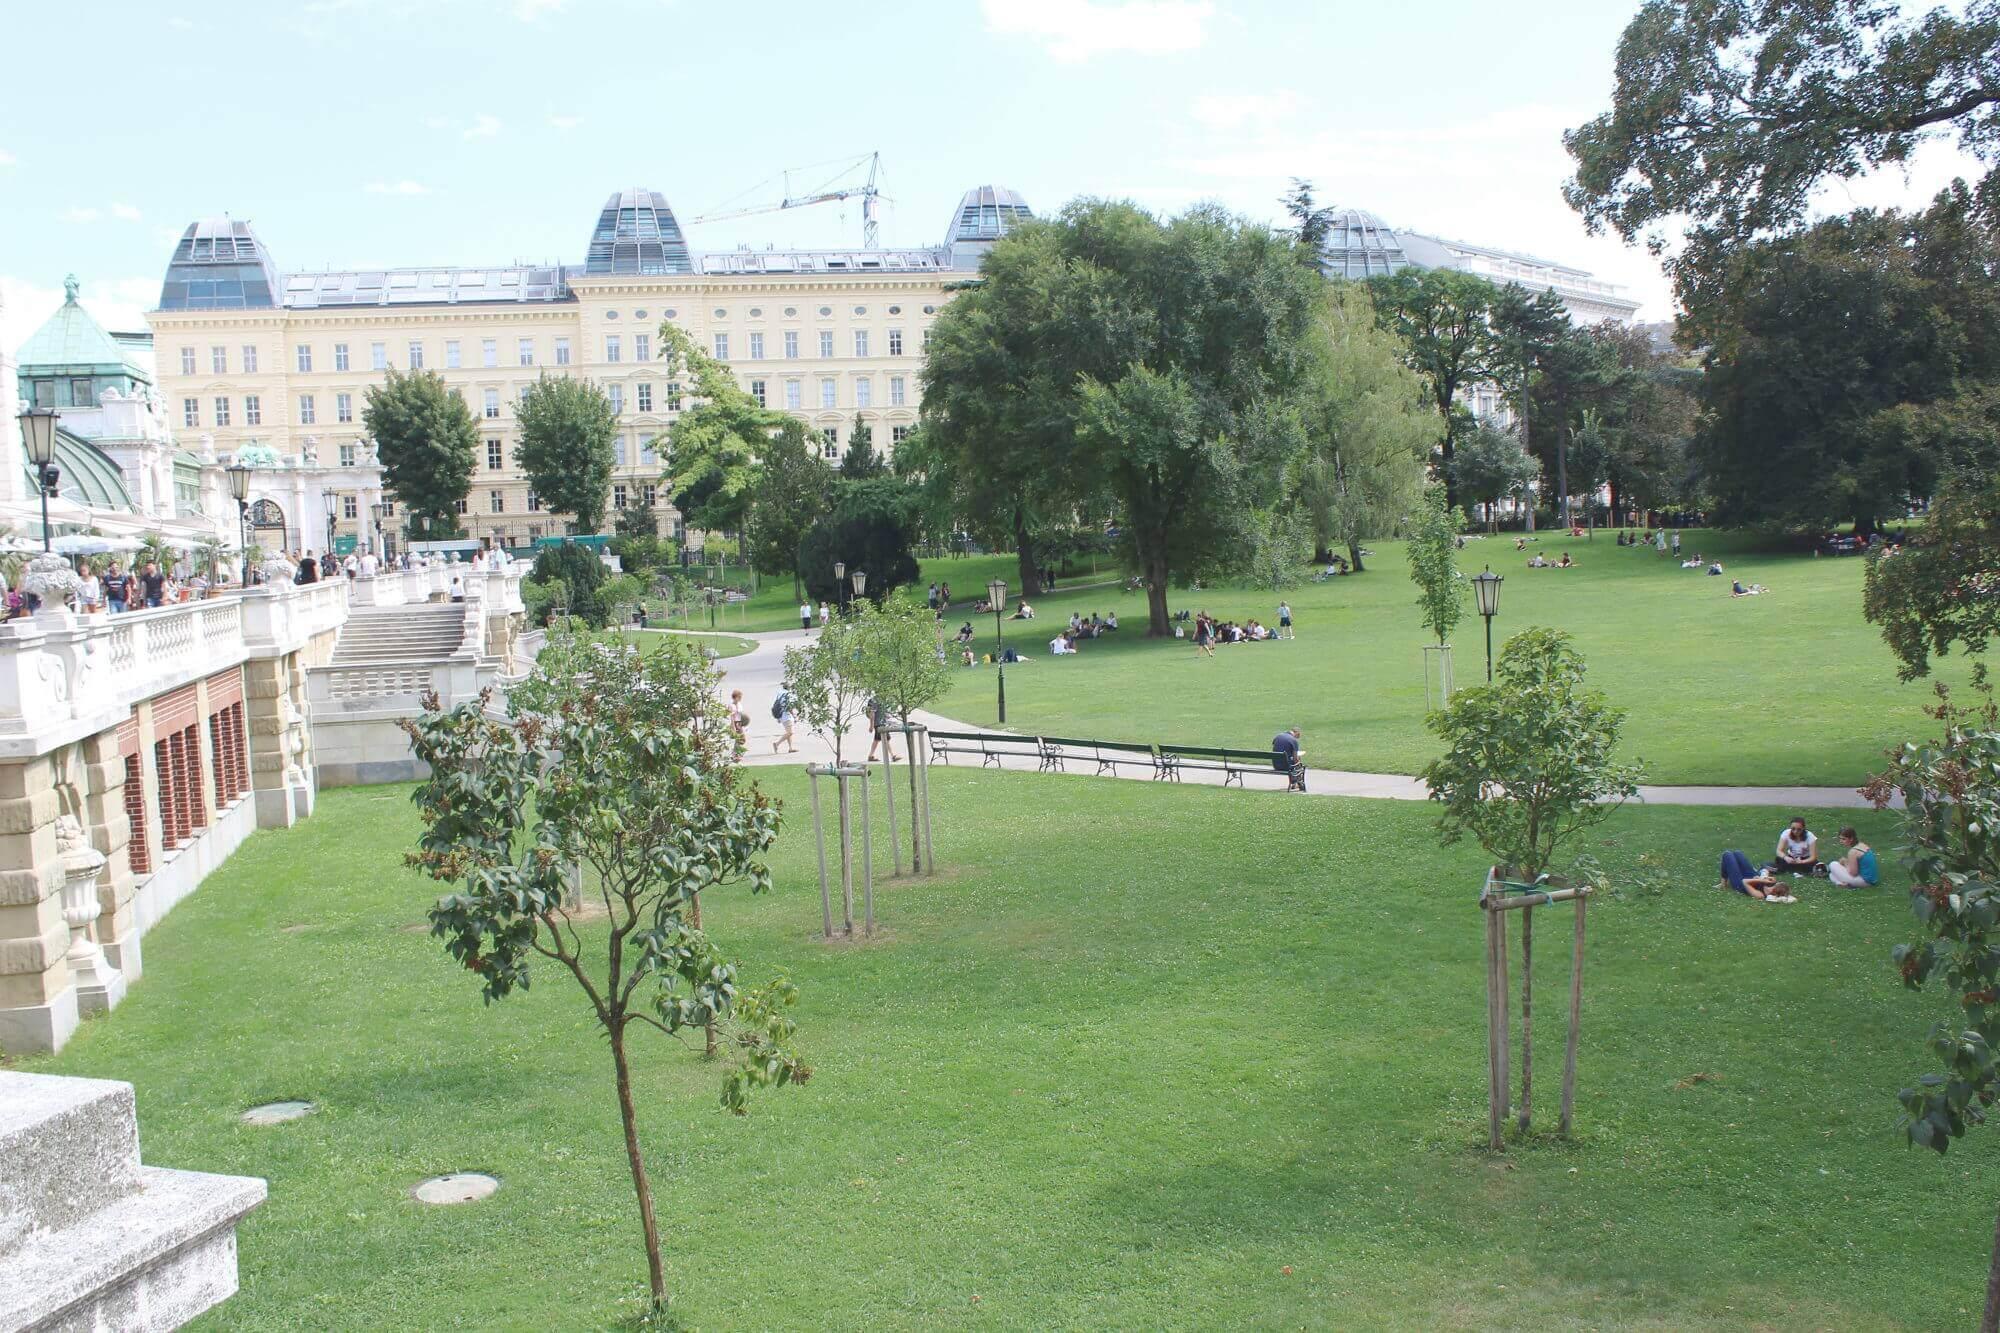 Blick auf Palmenhaus und Burggarten in Wien